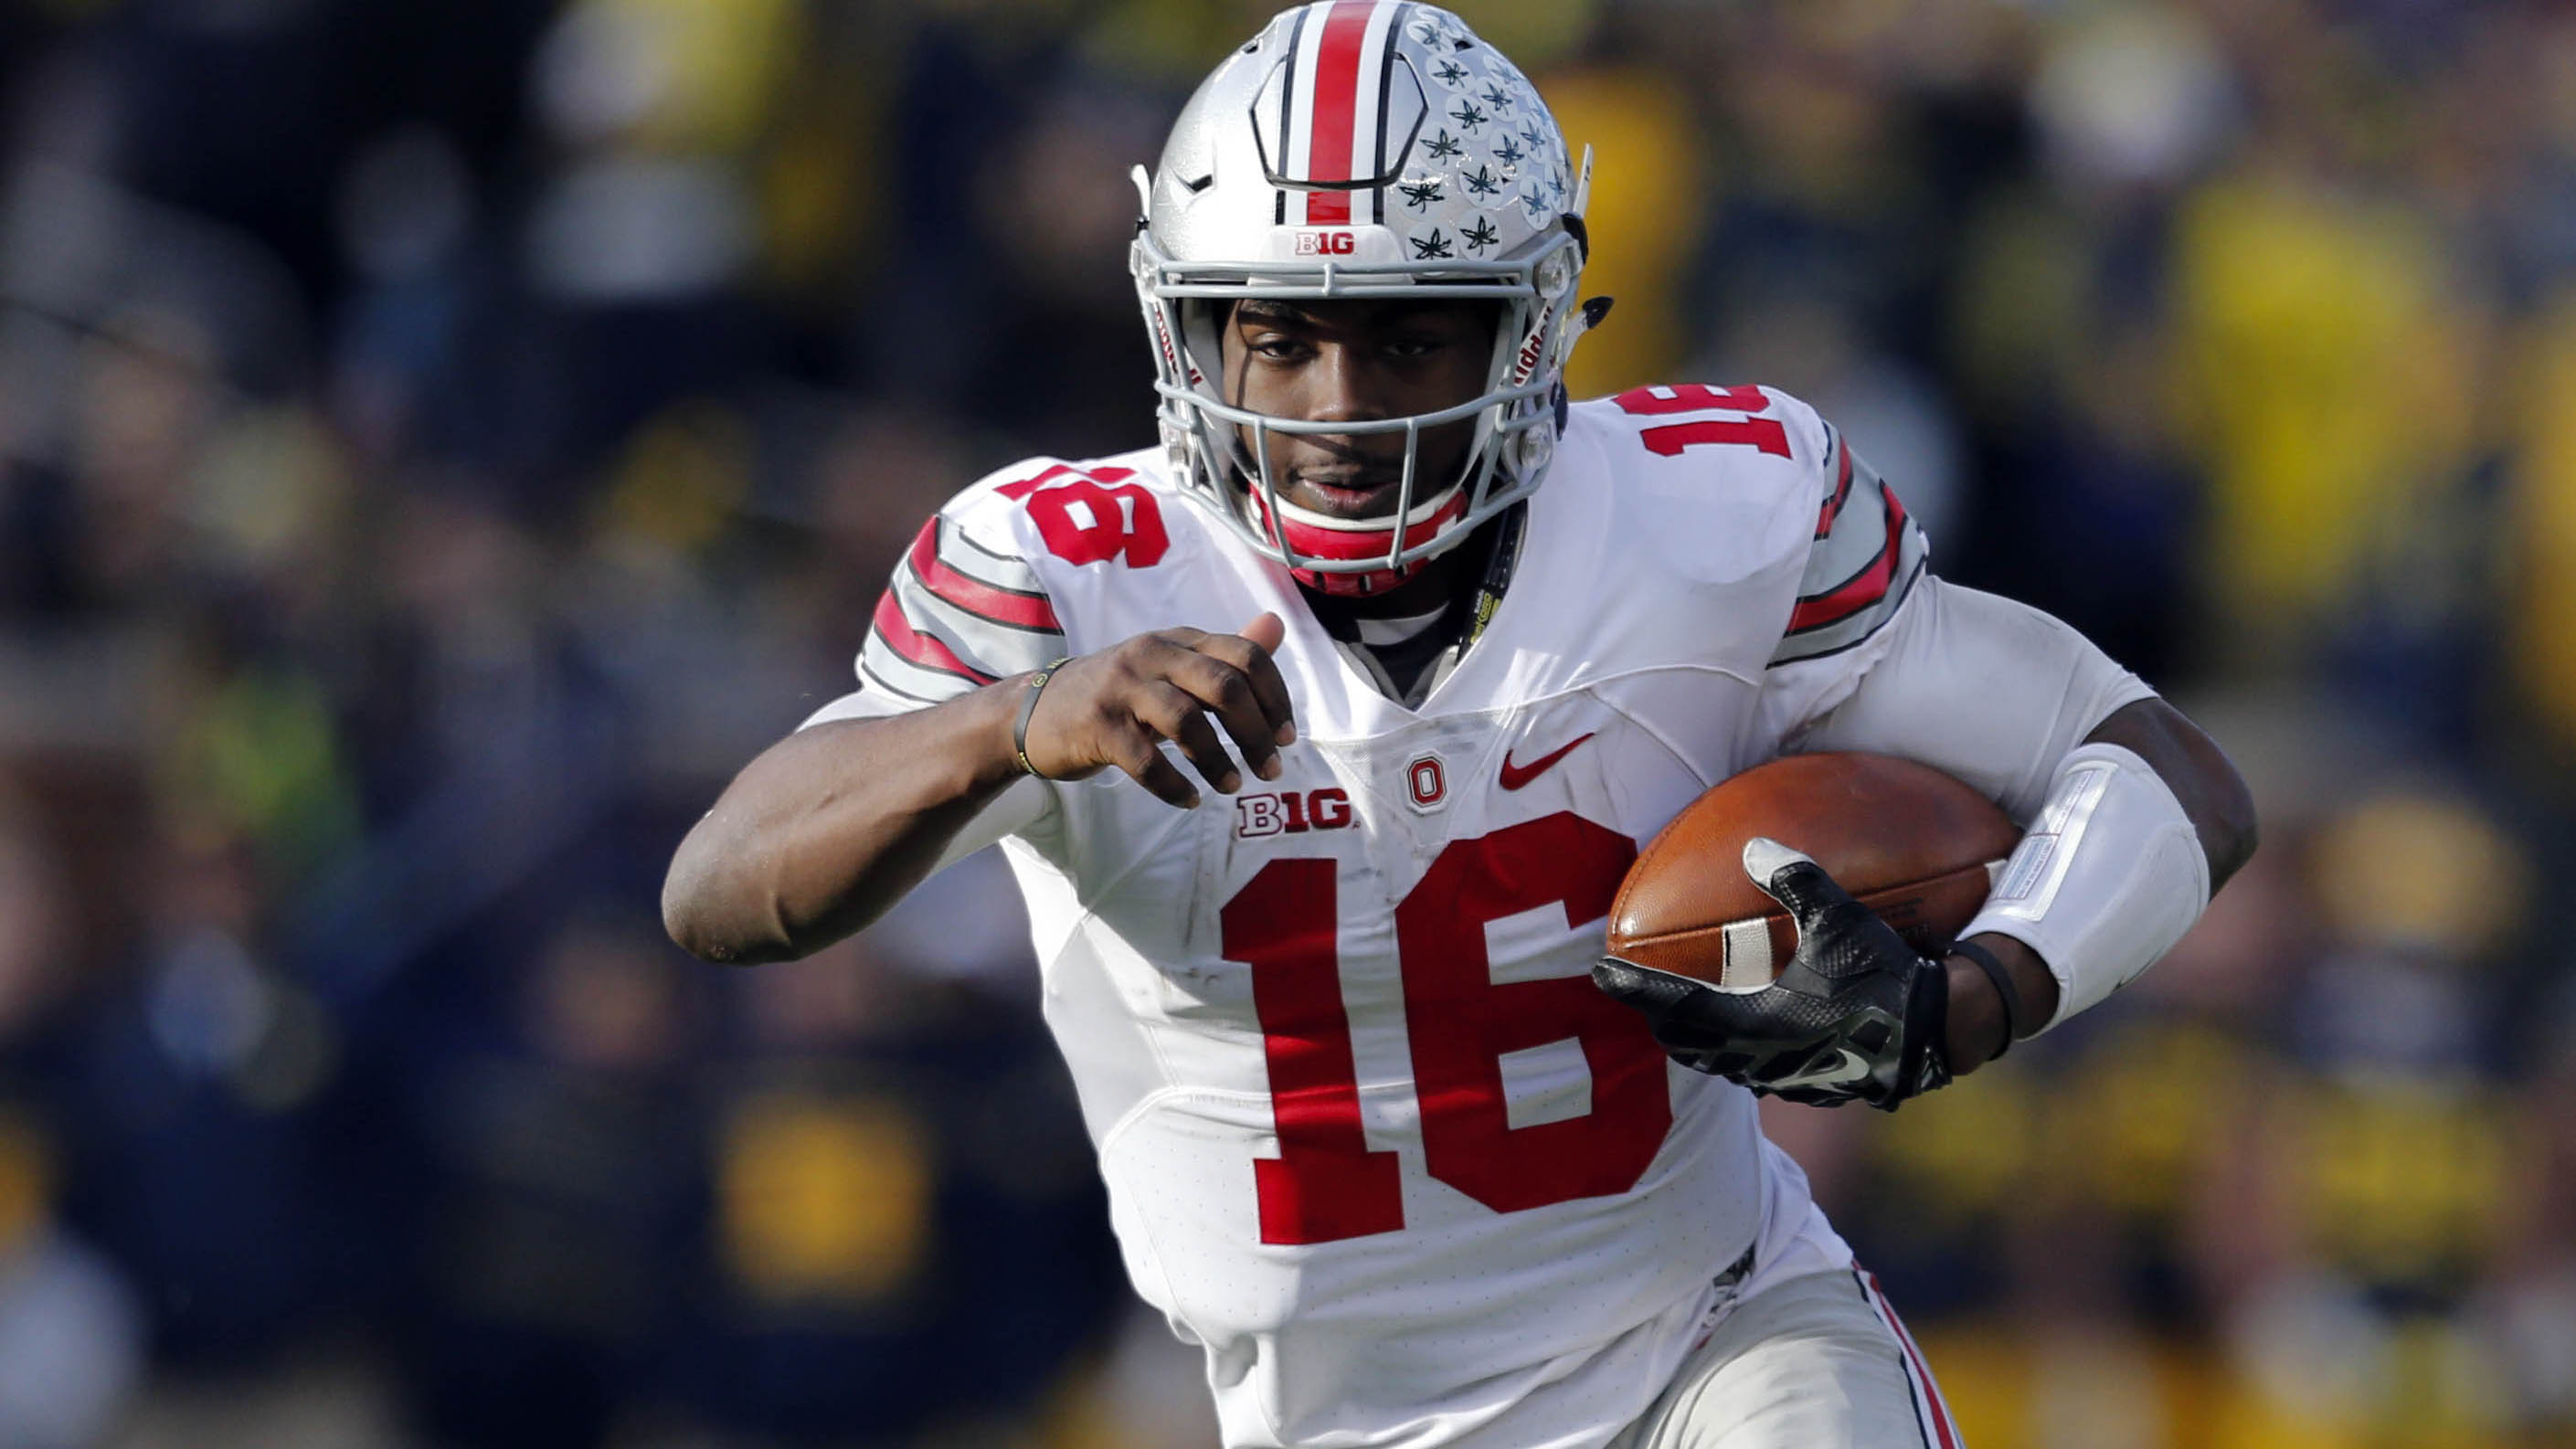 2016 college football schedule: ohio state headlines espn's big ten